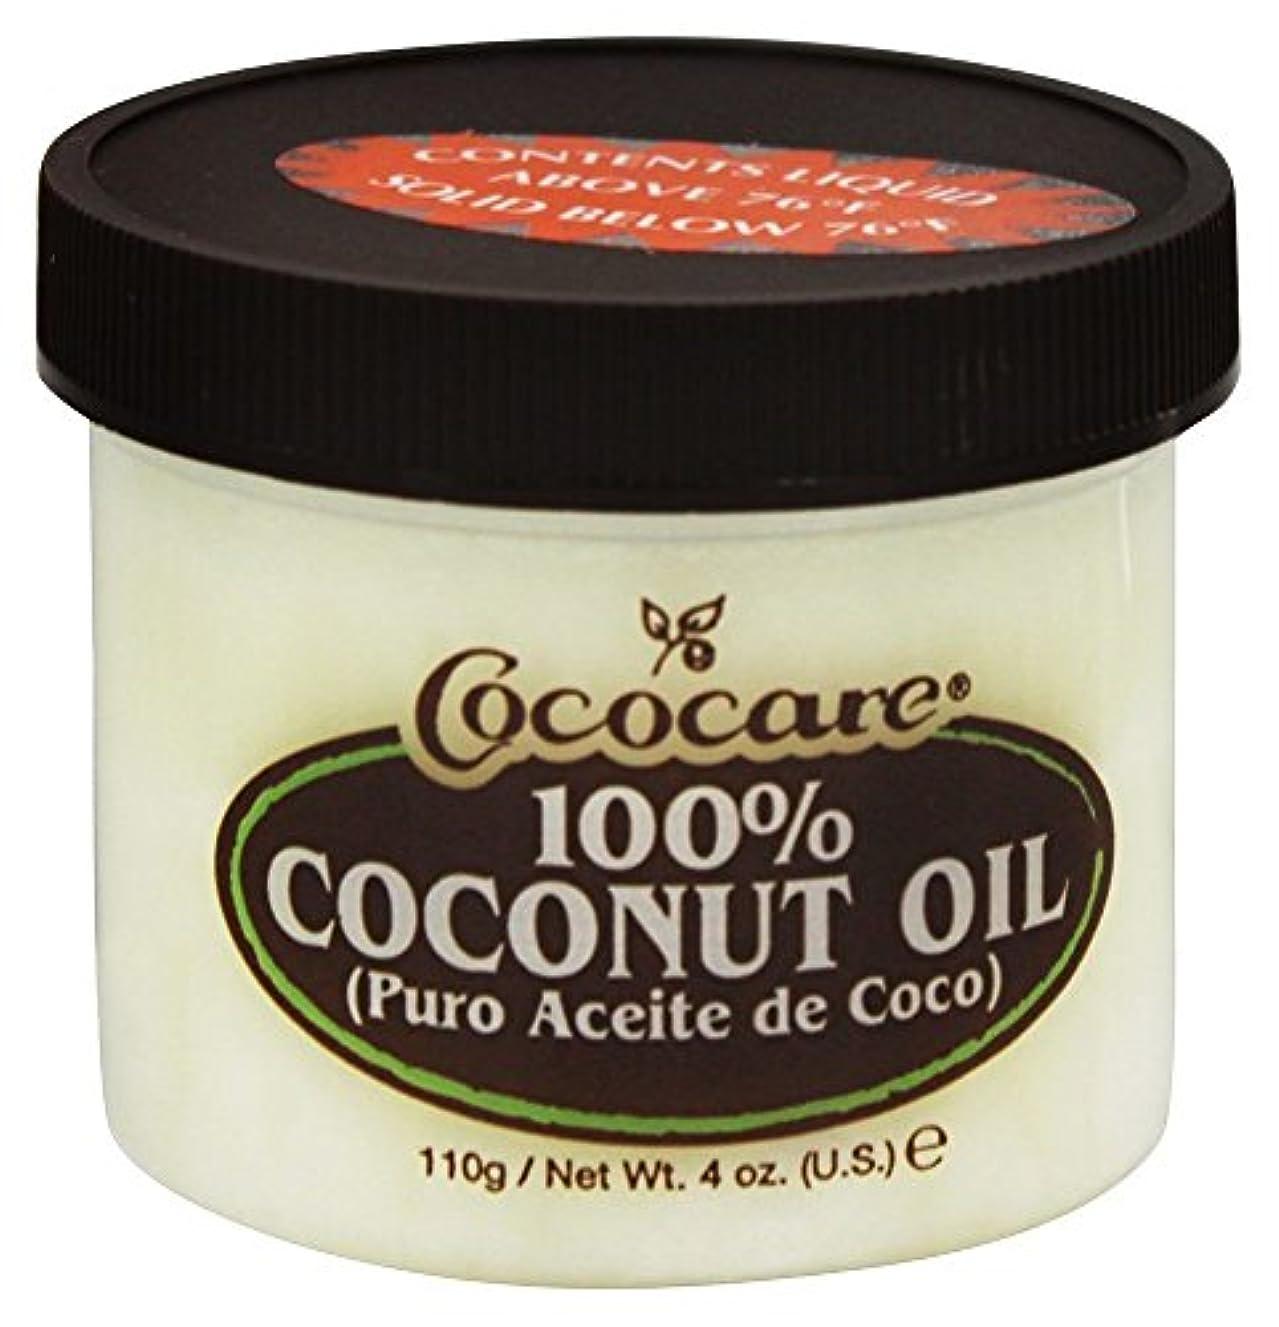 オセアニア前述の水曜日Cococare - 100% ココナッツ オイル - 4ポンド [並行輸入品]